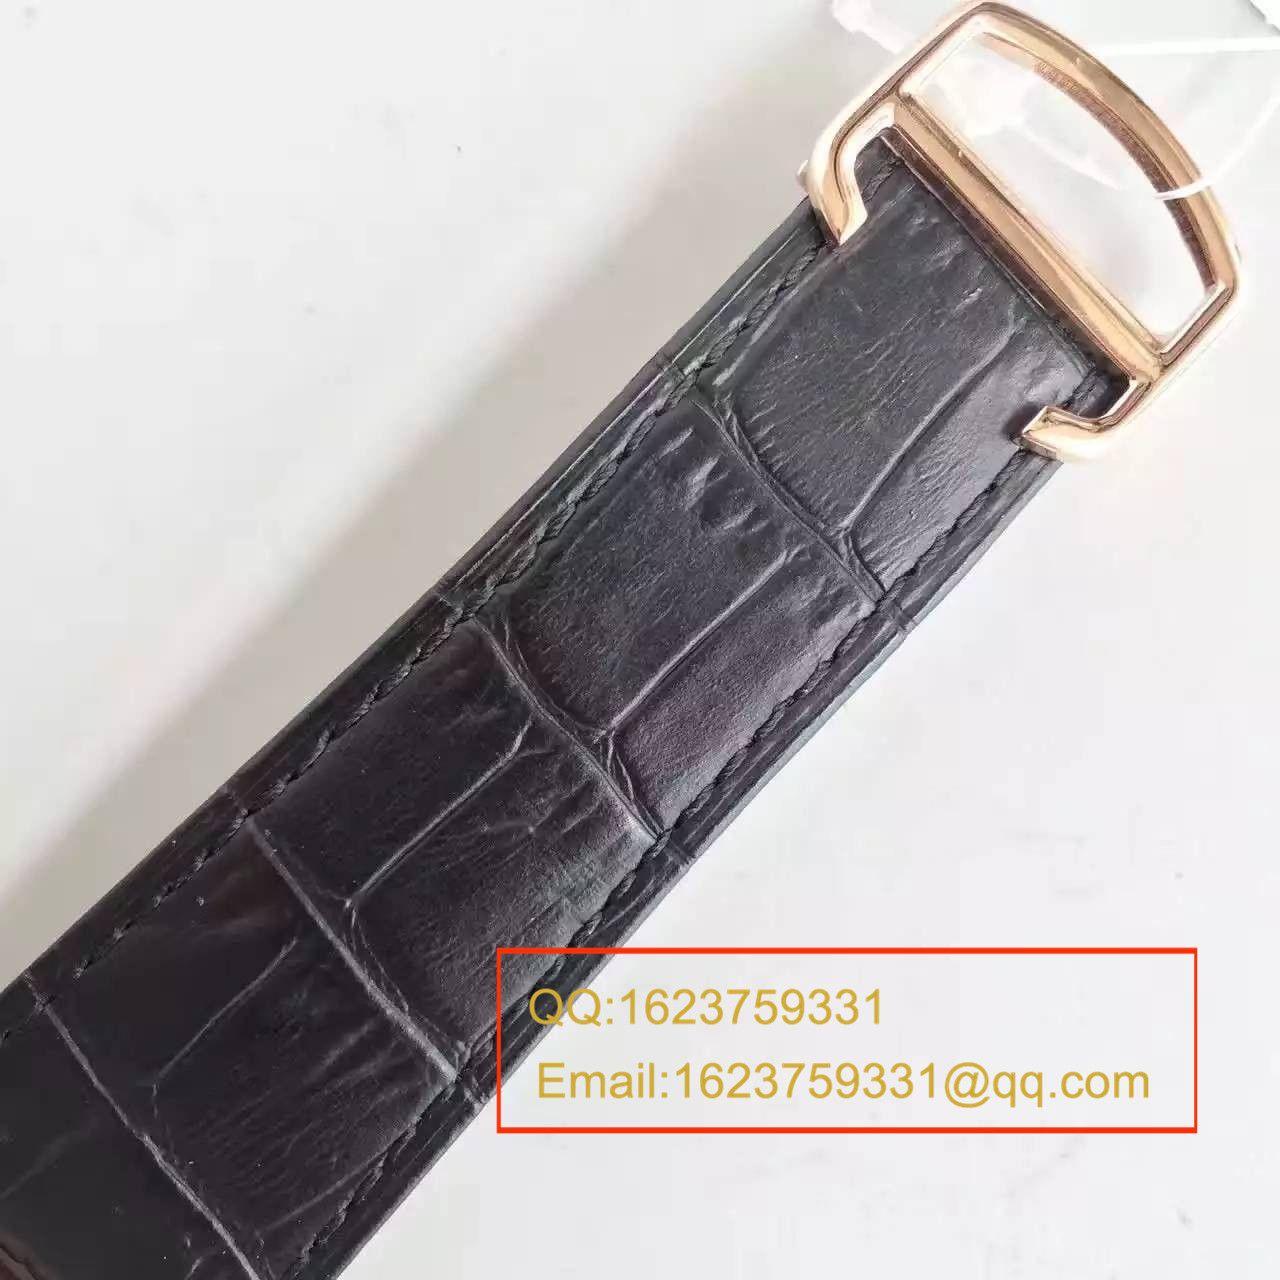 【JF厂一比一超A高仿手表】卡地亚坦克系列WT100021腕表 / KAH125